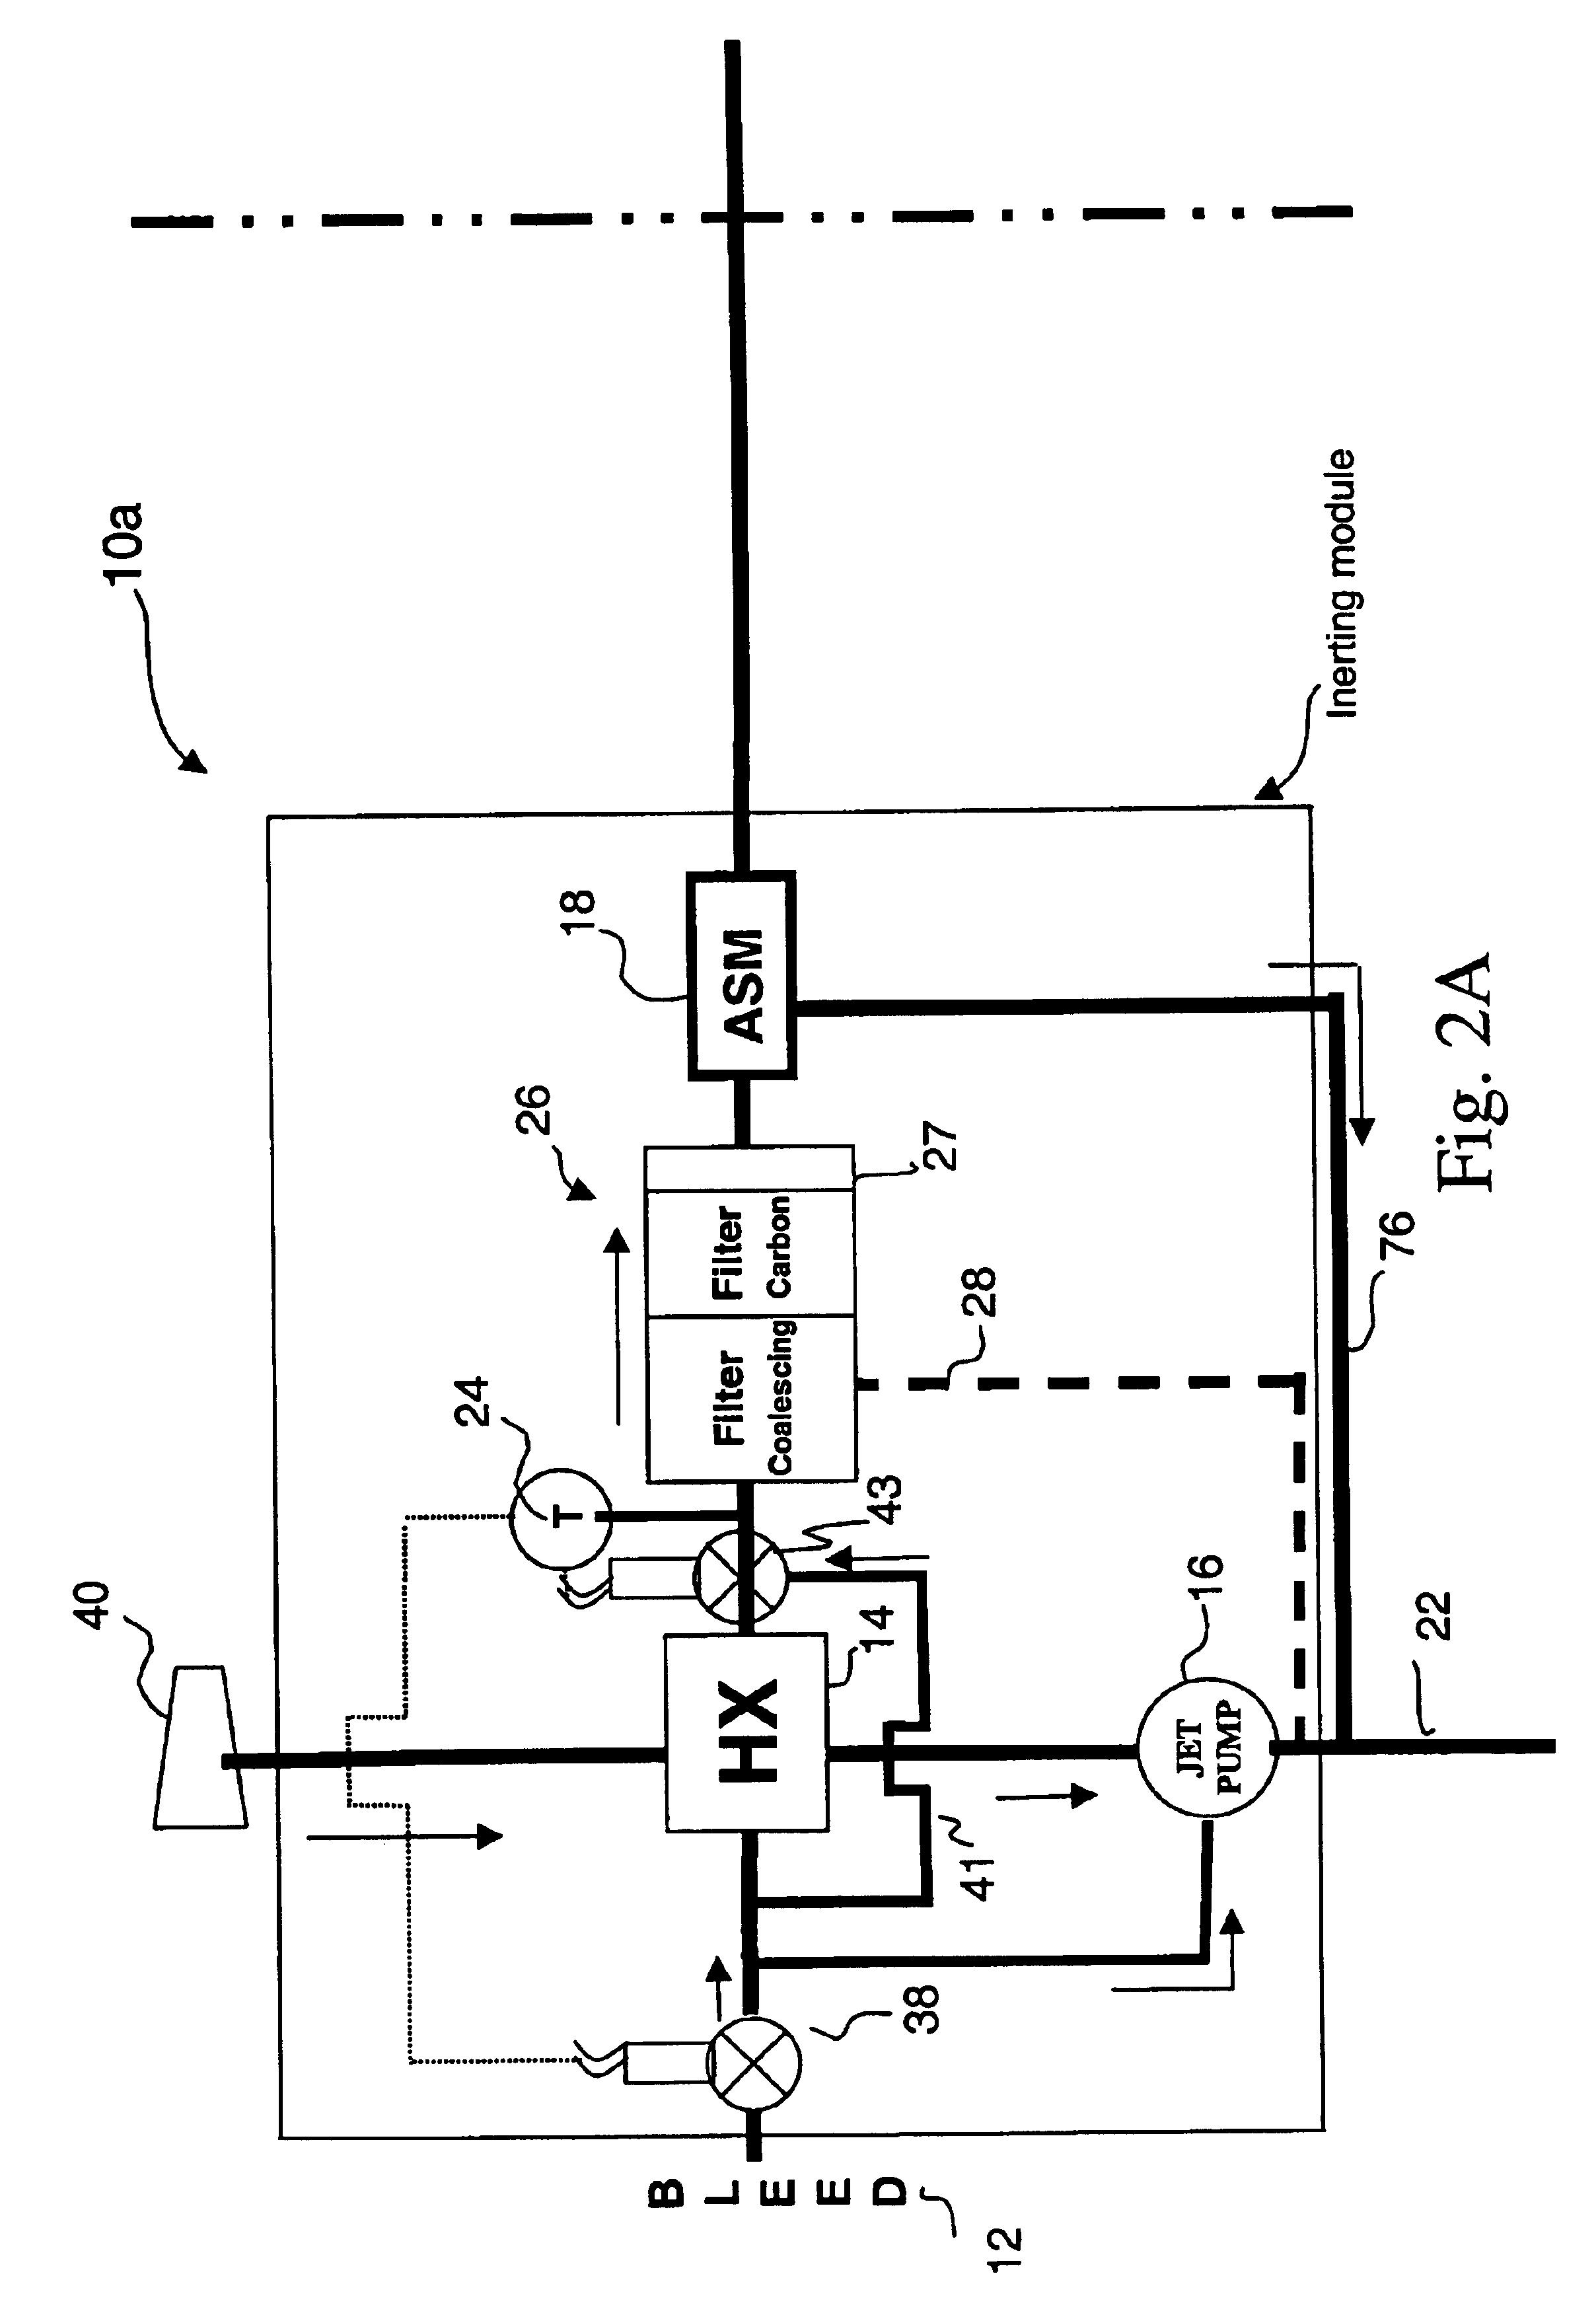 patent us7048231